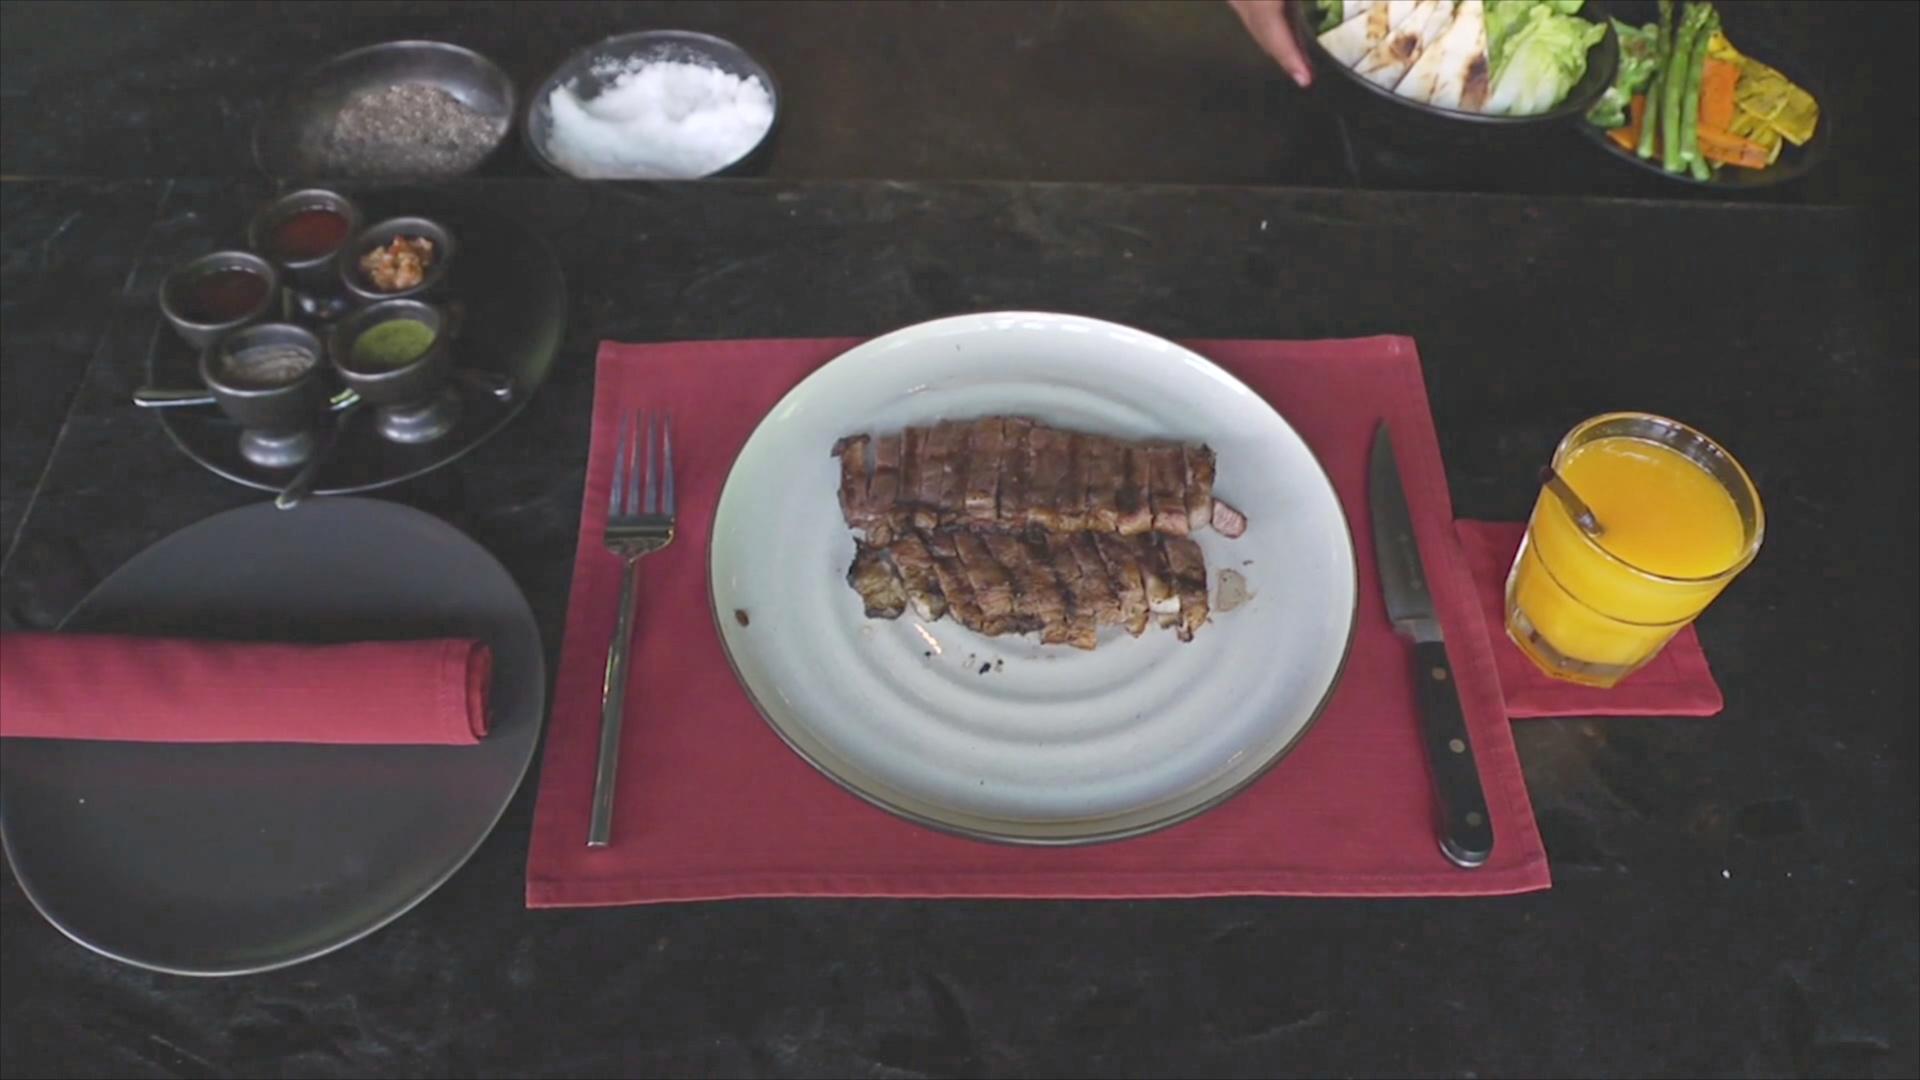 Кухня Пхукета появится на кулинарной карте «Красного гида Мишлен»